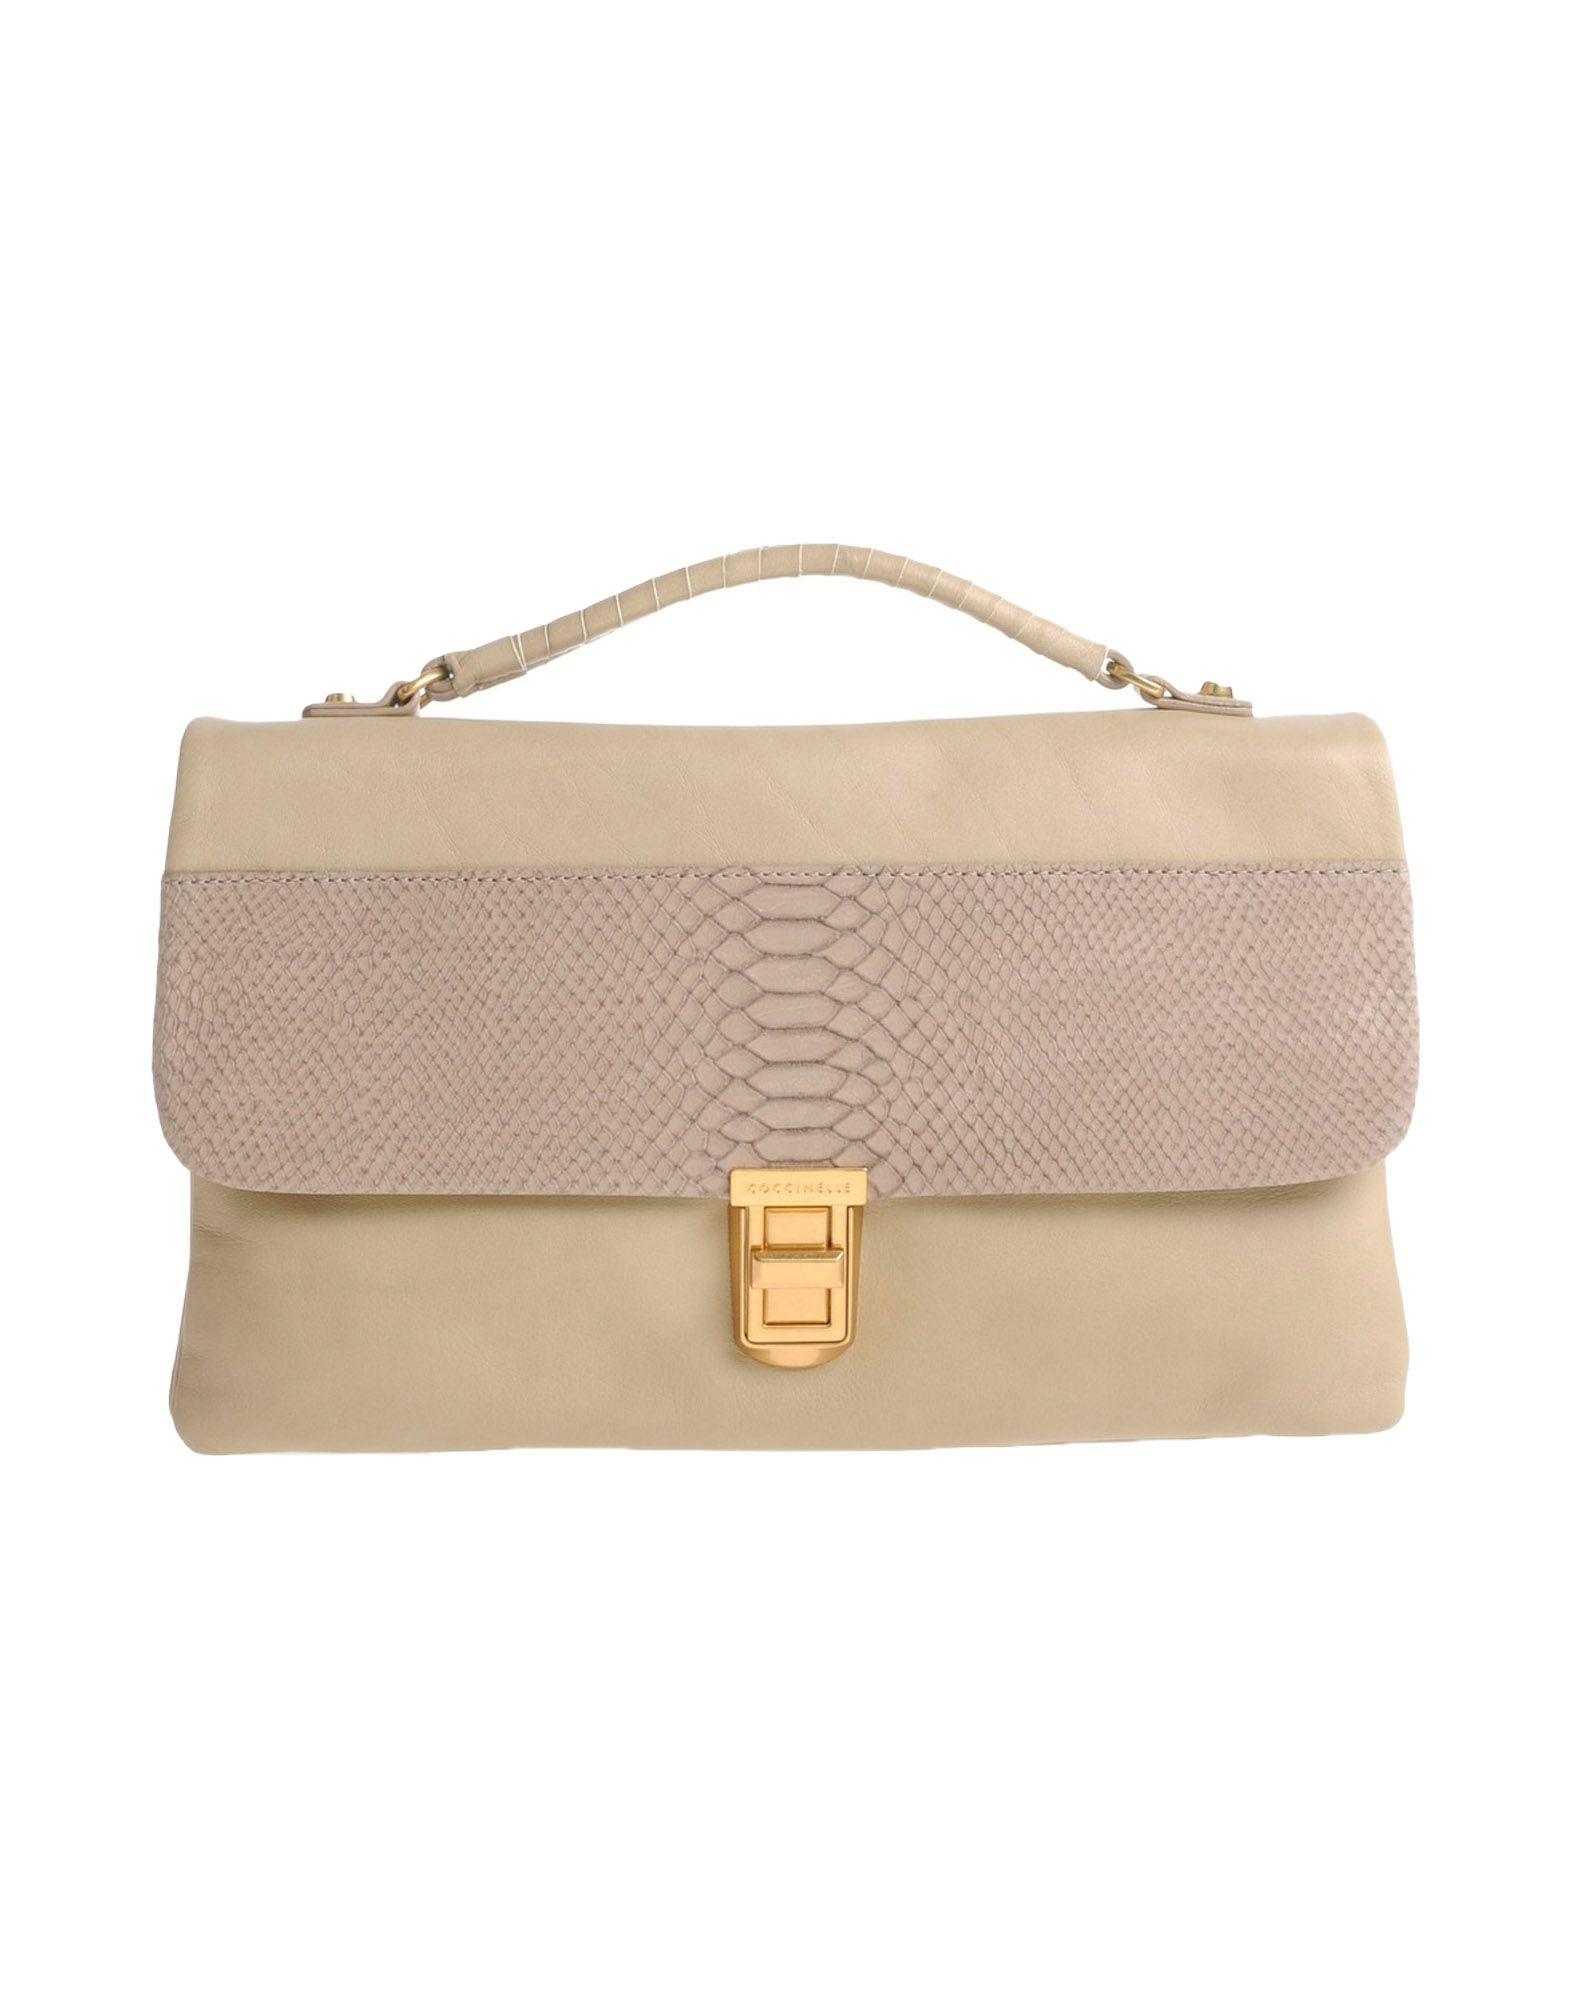 coccinelle handbag in beige lyst. Black Bedroom Furniture Sets. Home Design Ideas